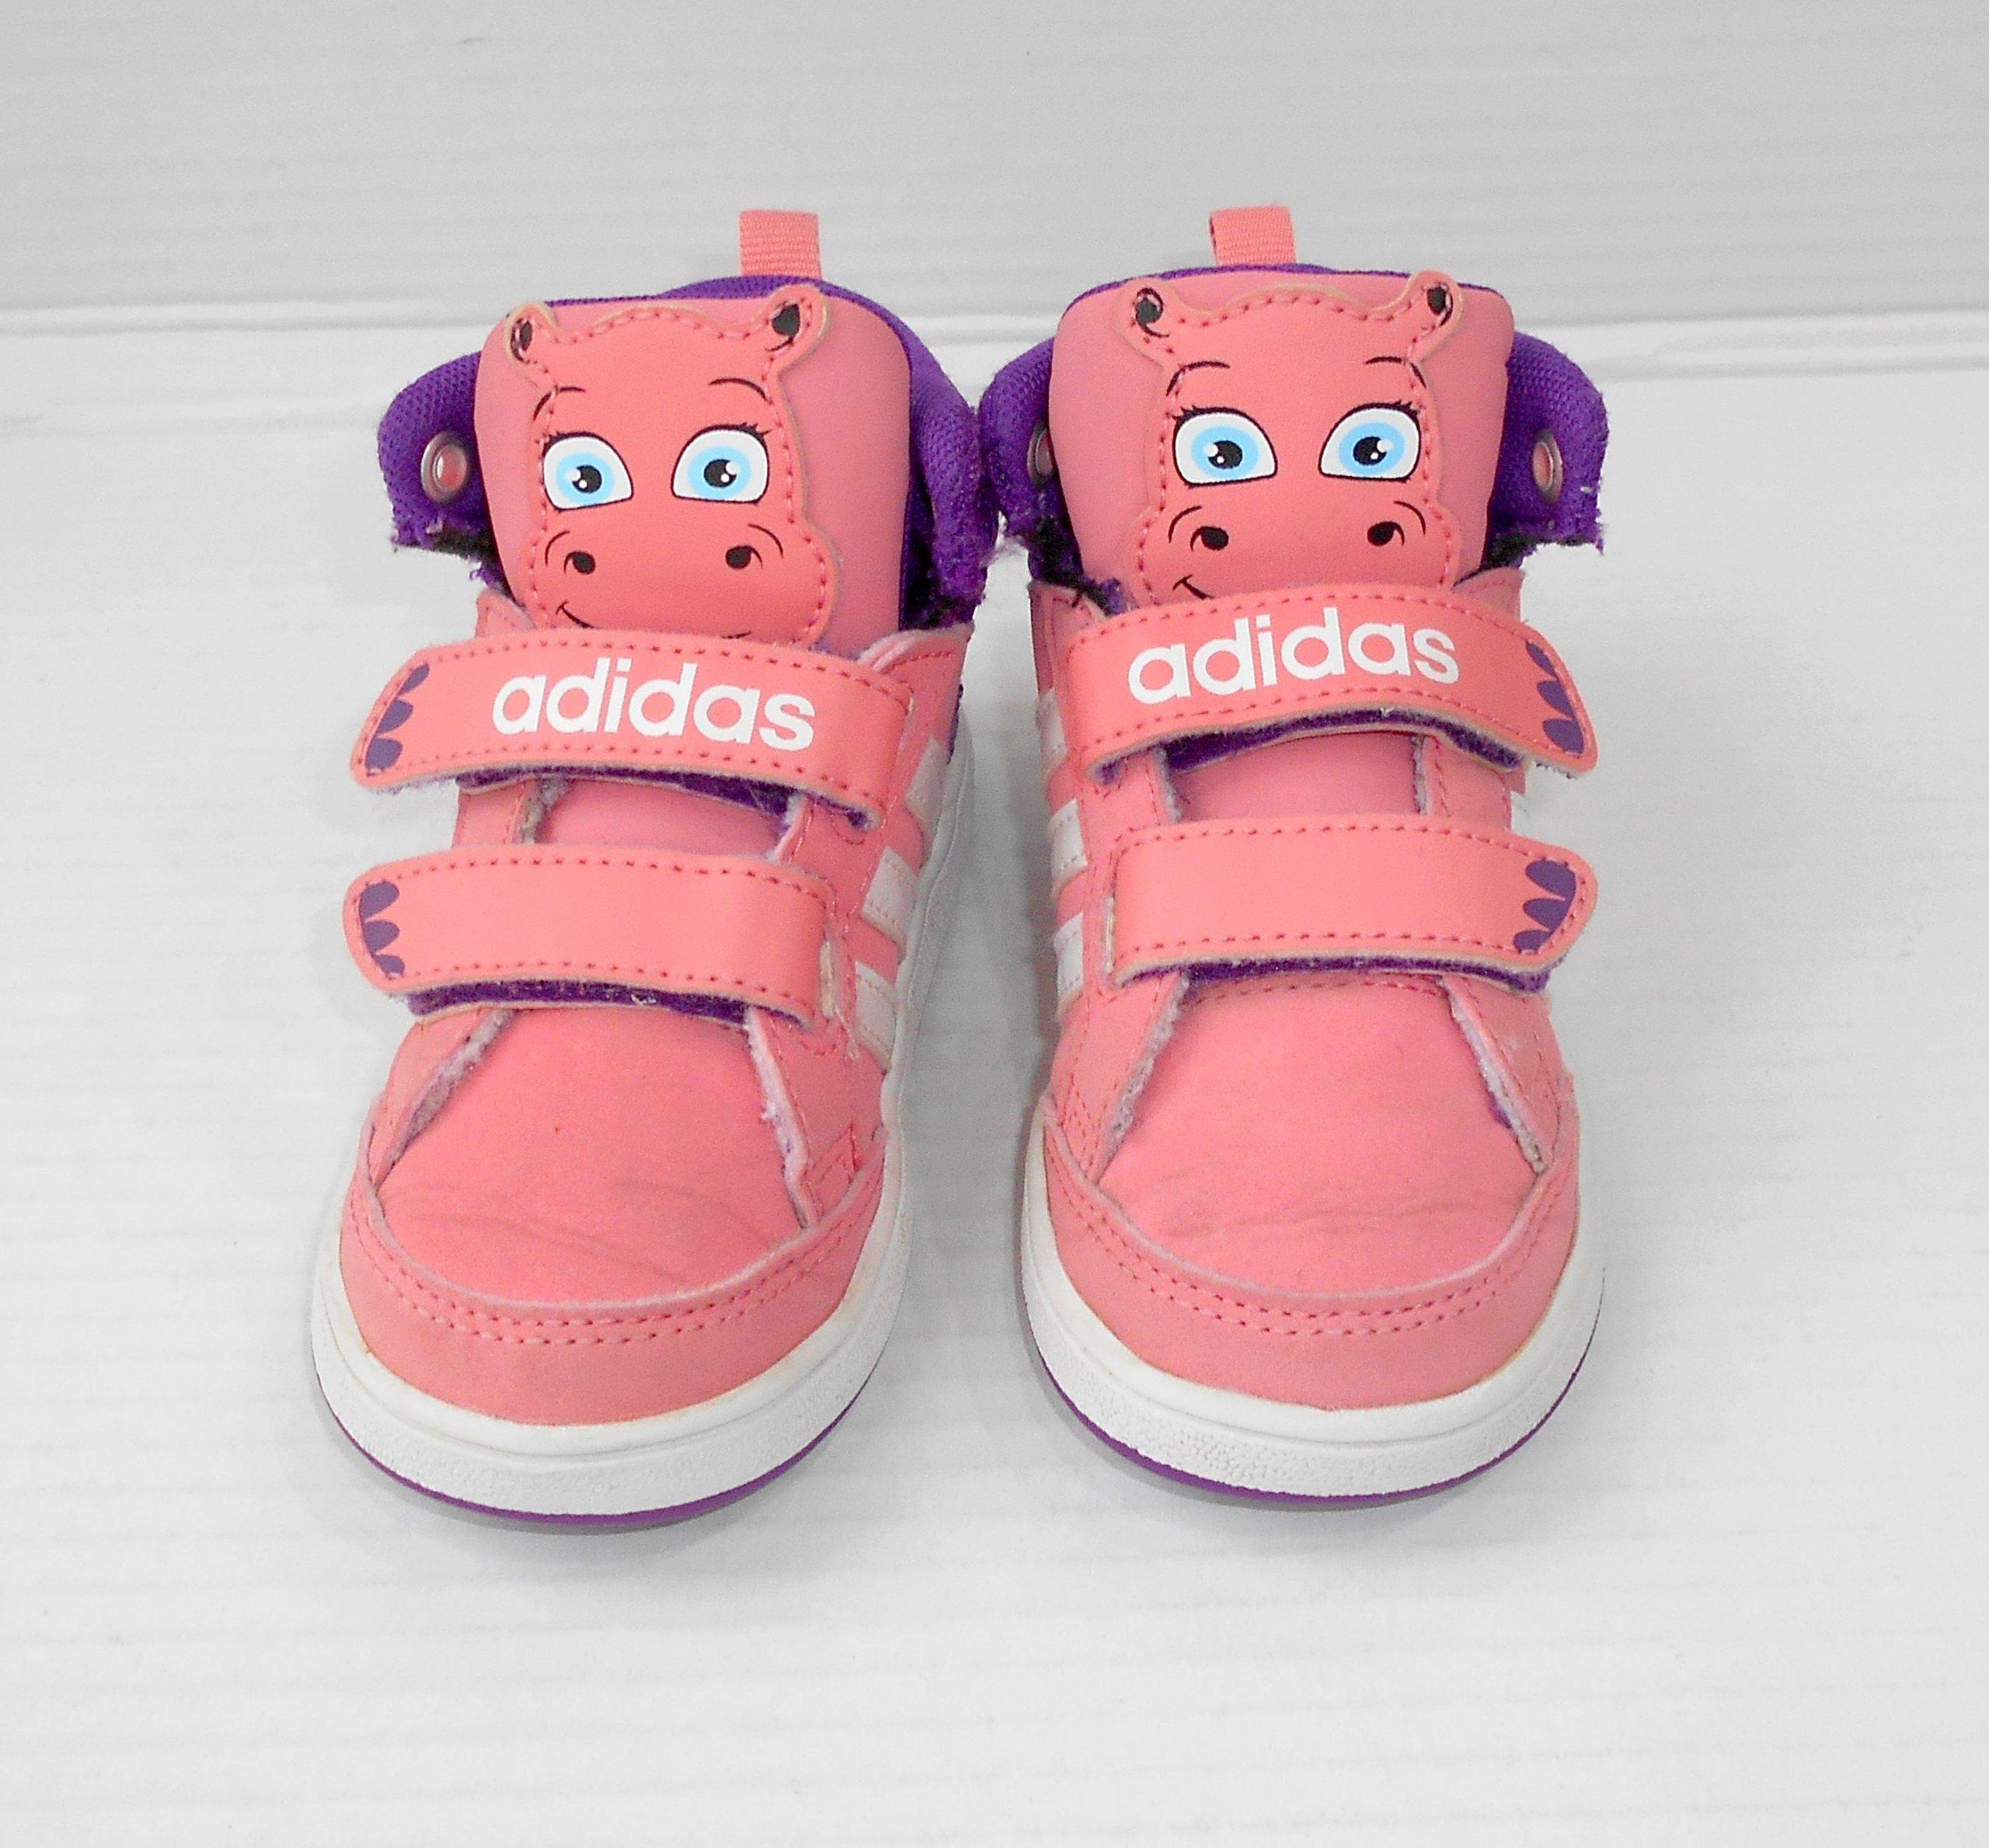 Adidasy buty sportowe firmy Adidas. Rozmiar 22. Wkładka 13,5